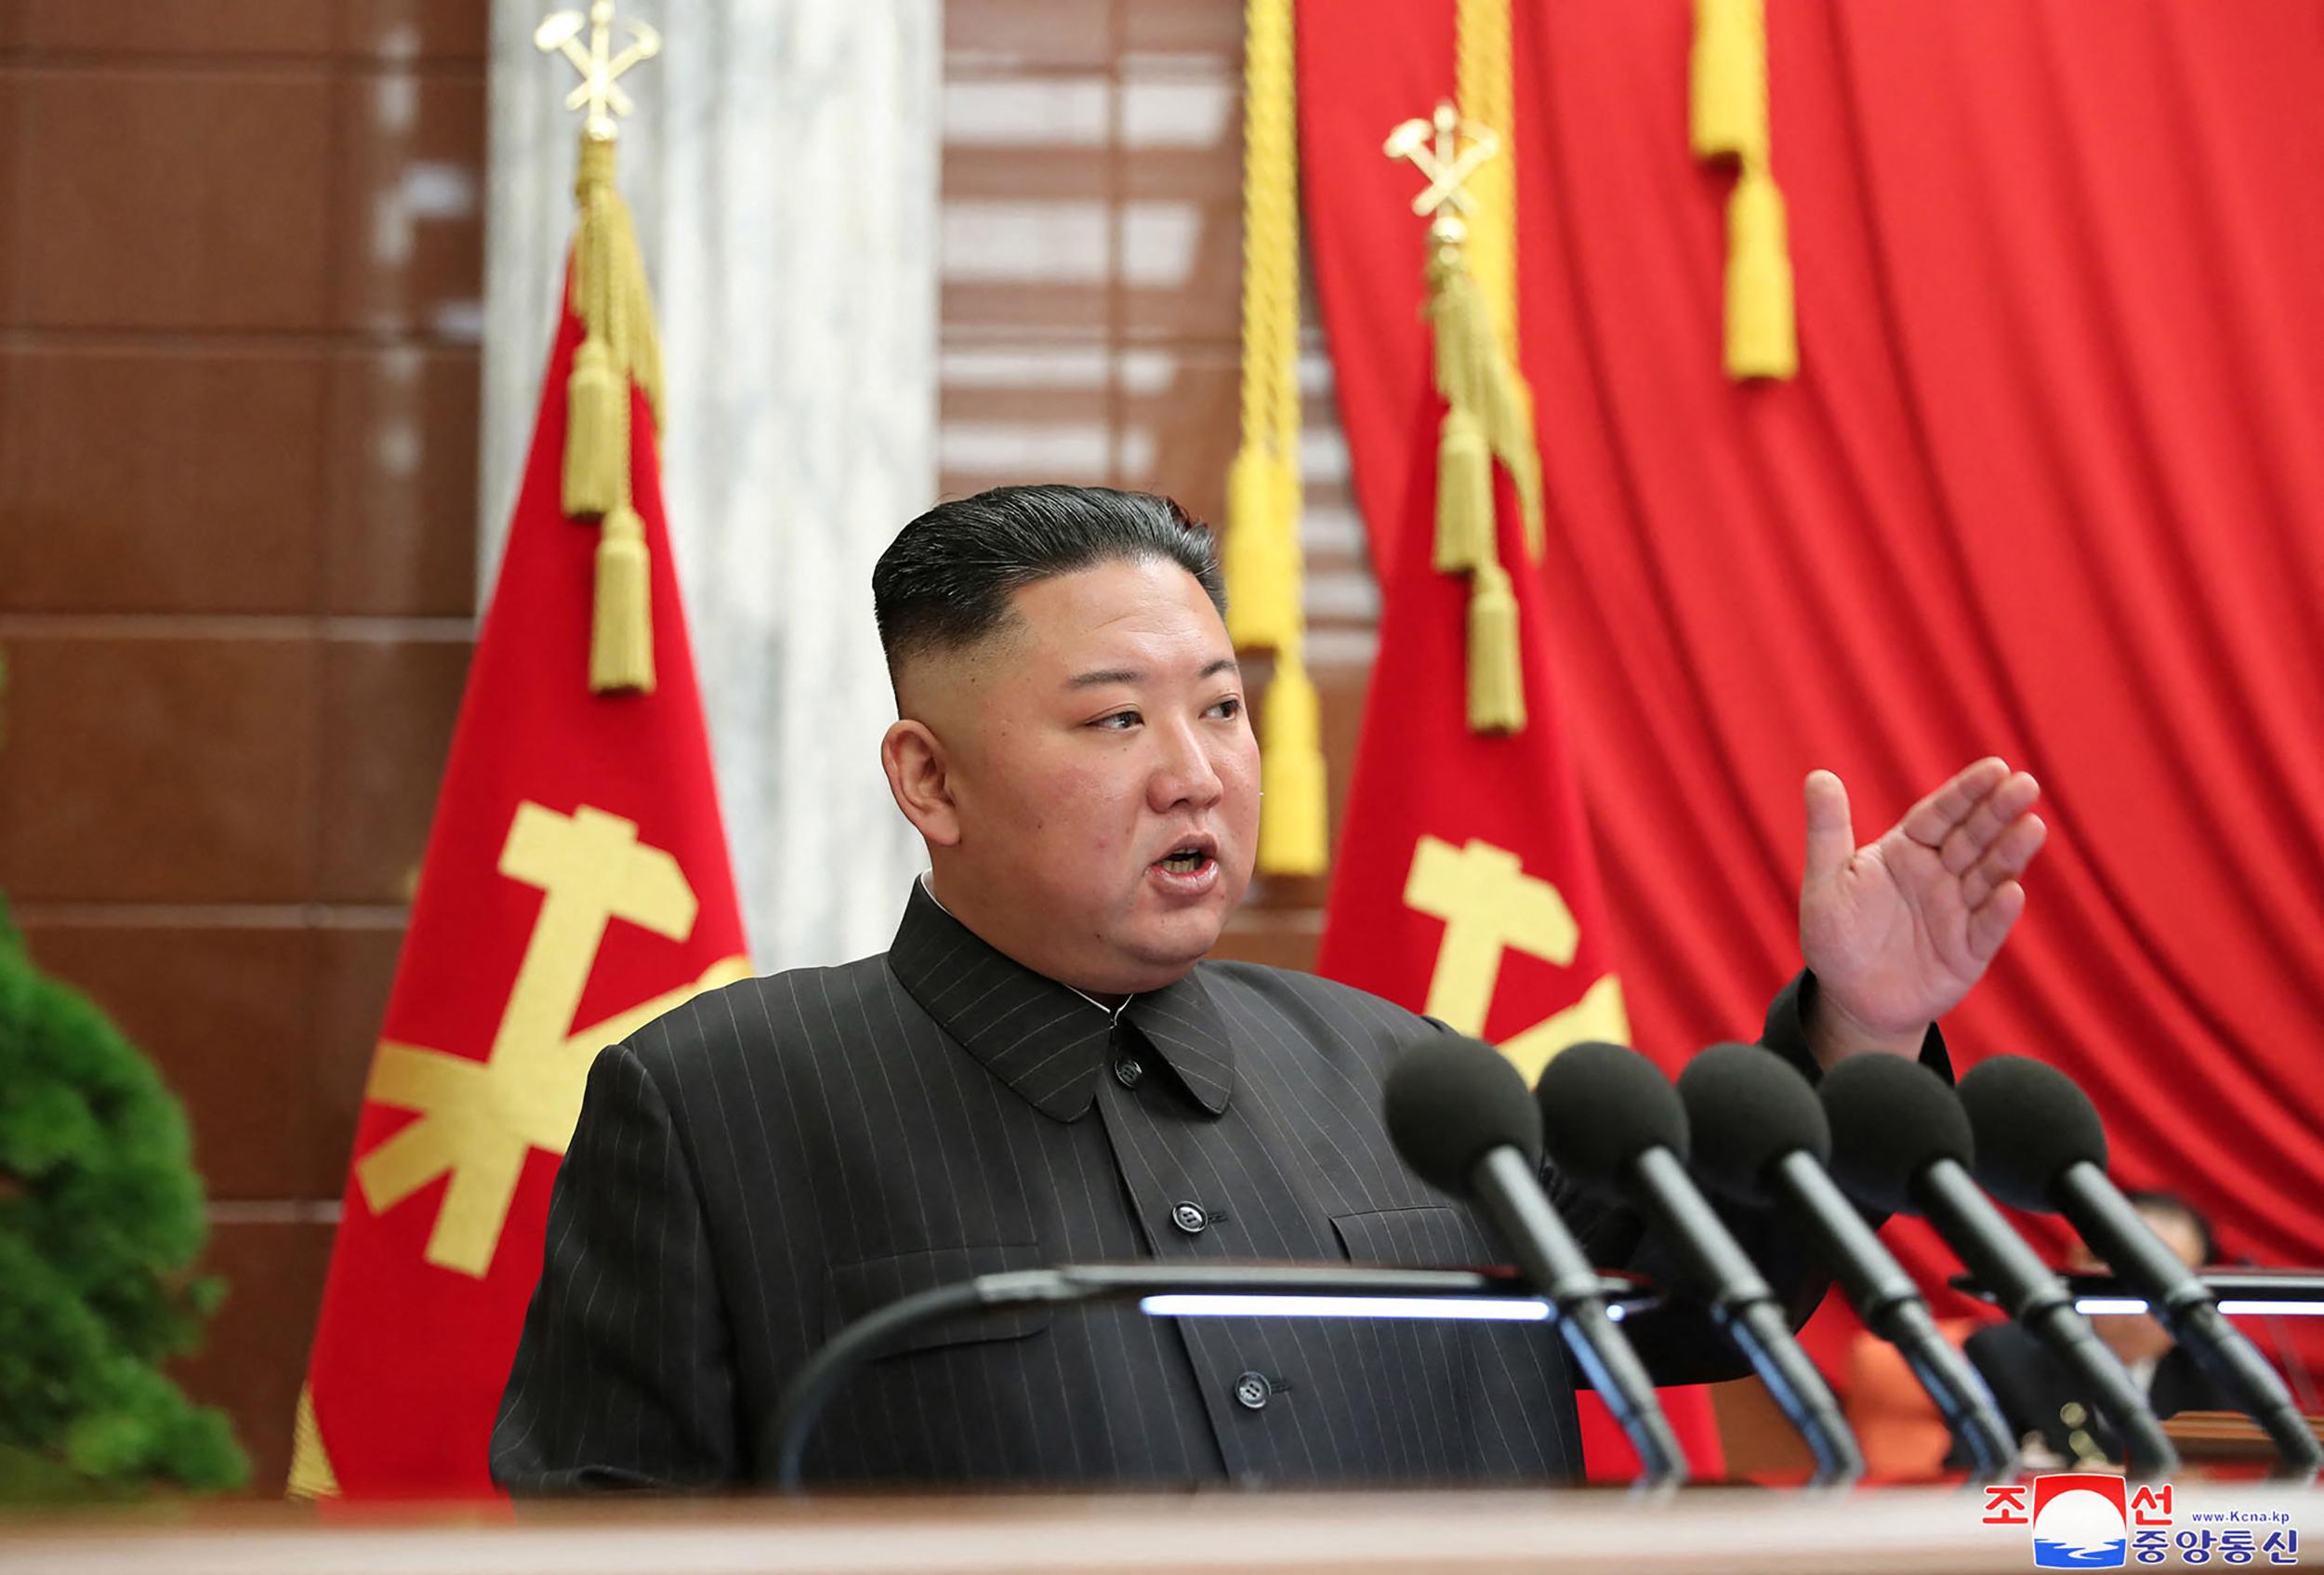 Mindenki találgatja, mi történt az észak-koreai diktátor fejével